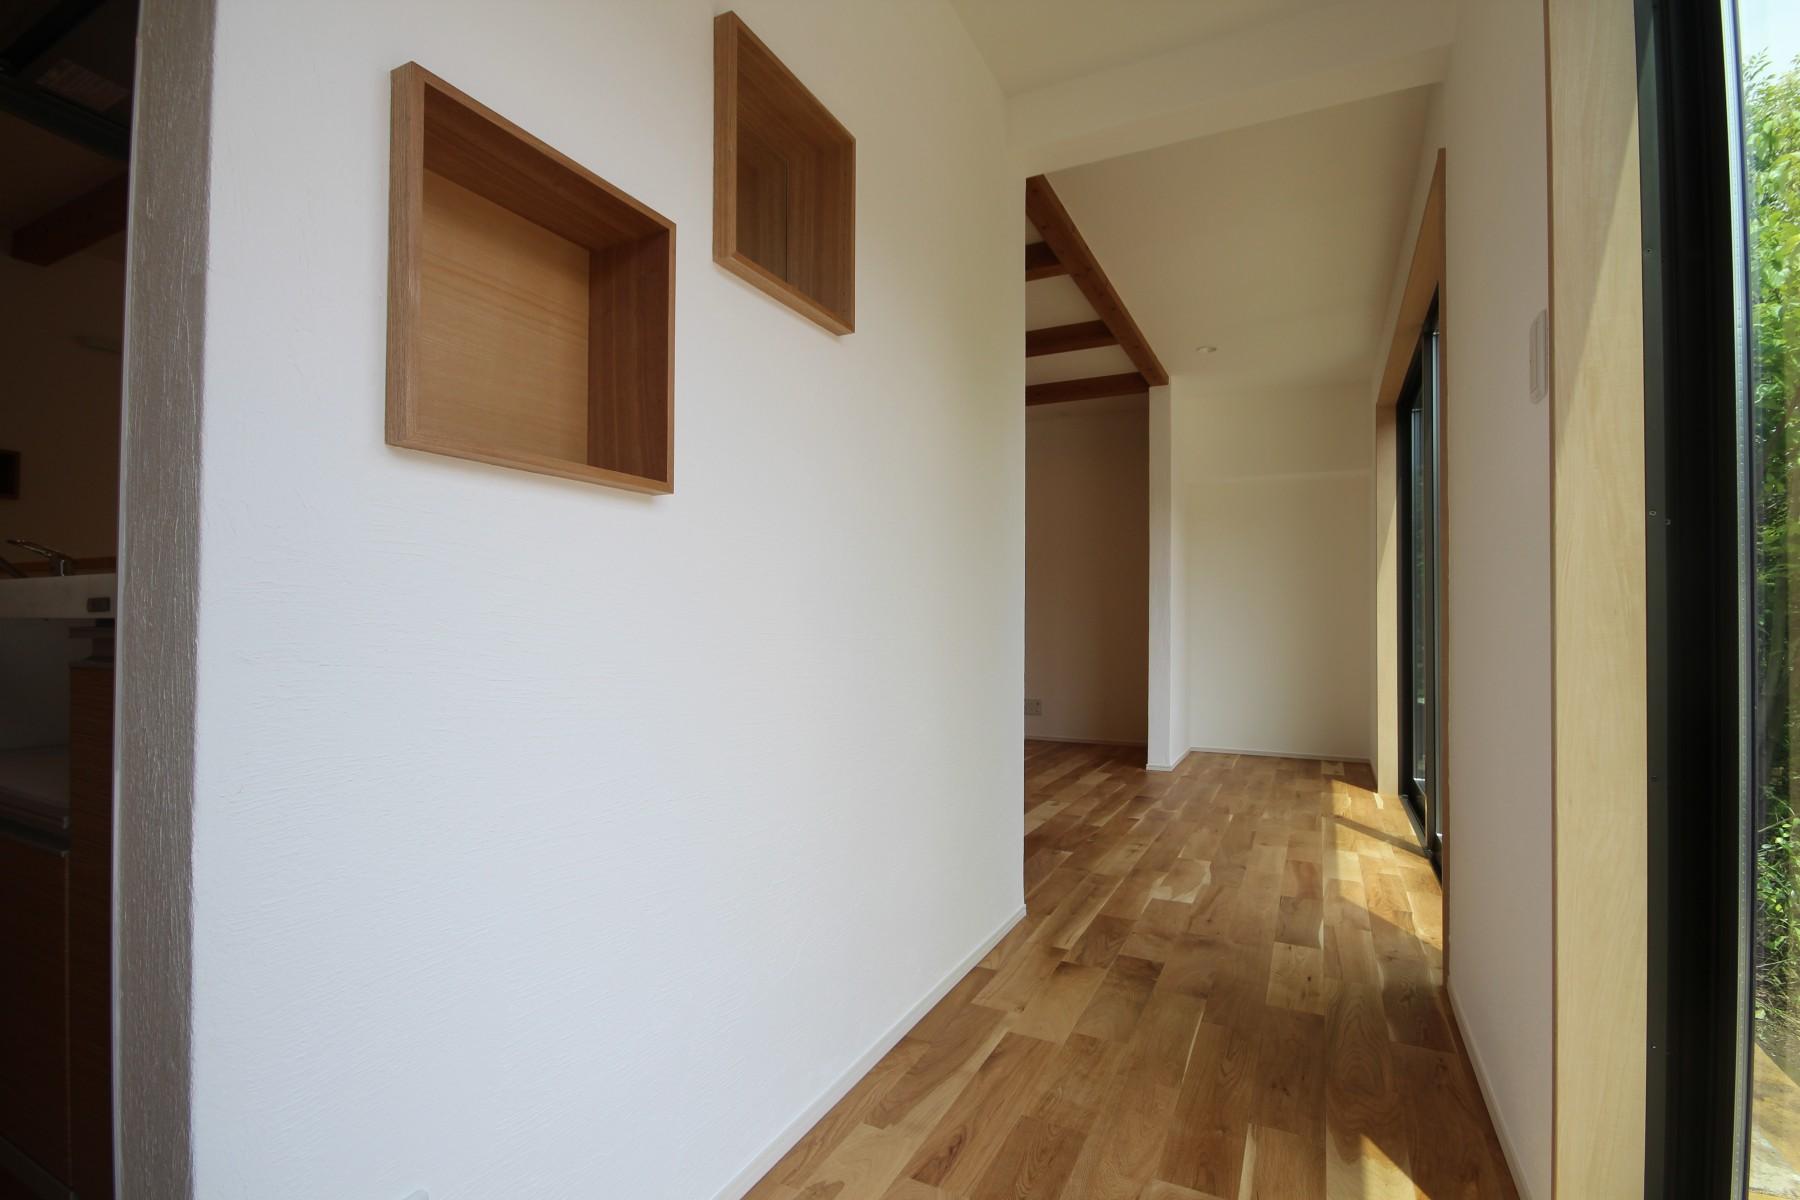 和室2間分と広縁総てをLDKとして、広々とした空間を作り、お洗濯物の部屋干しスペースも確保しました。